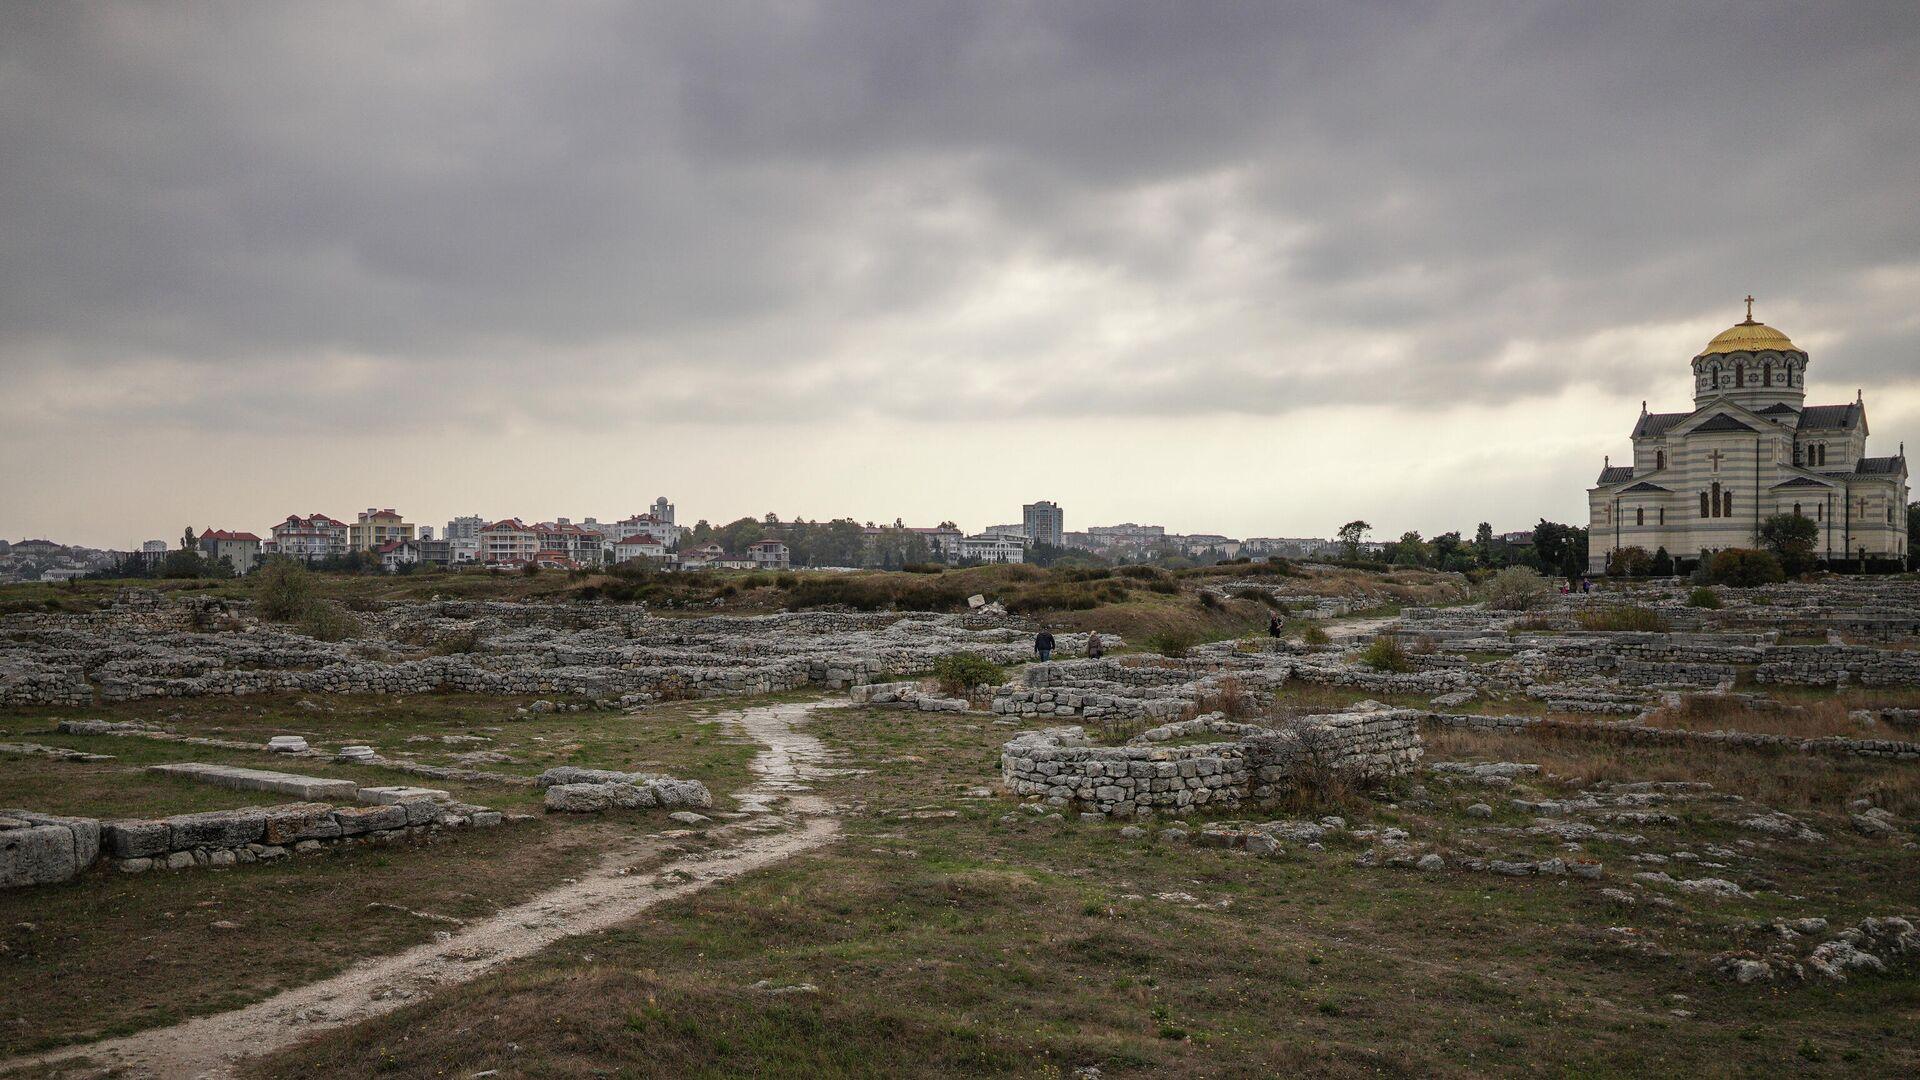 Руины на территории национального заповедника Херсонес Таврический в Севастополе - РИА Новости, 1920, 25.06.2021